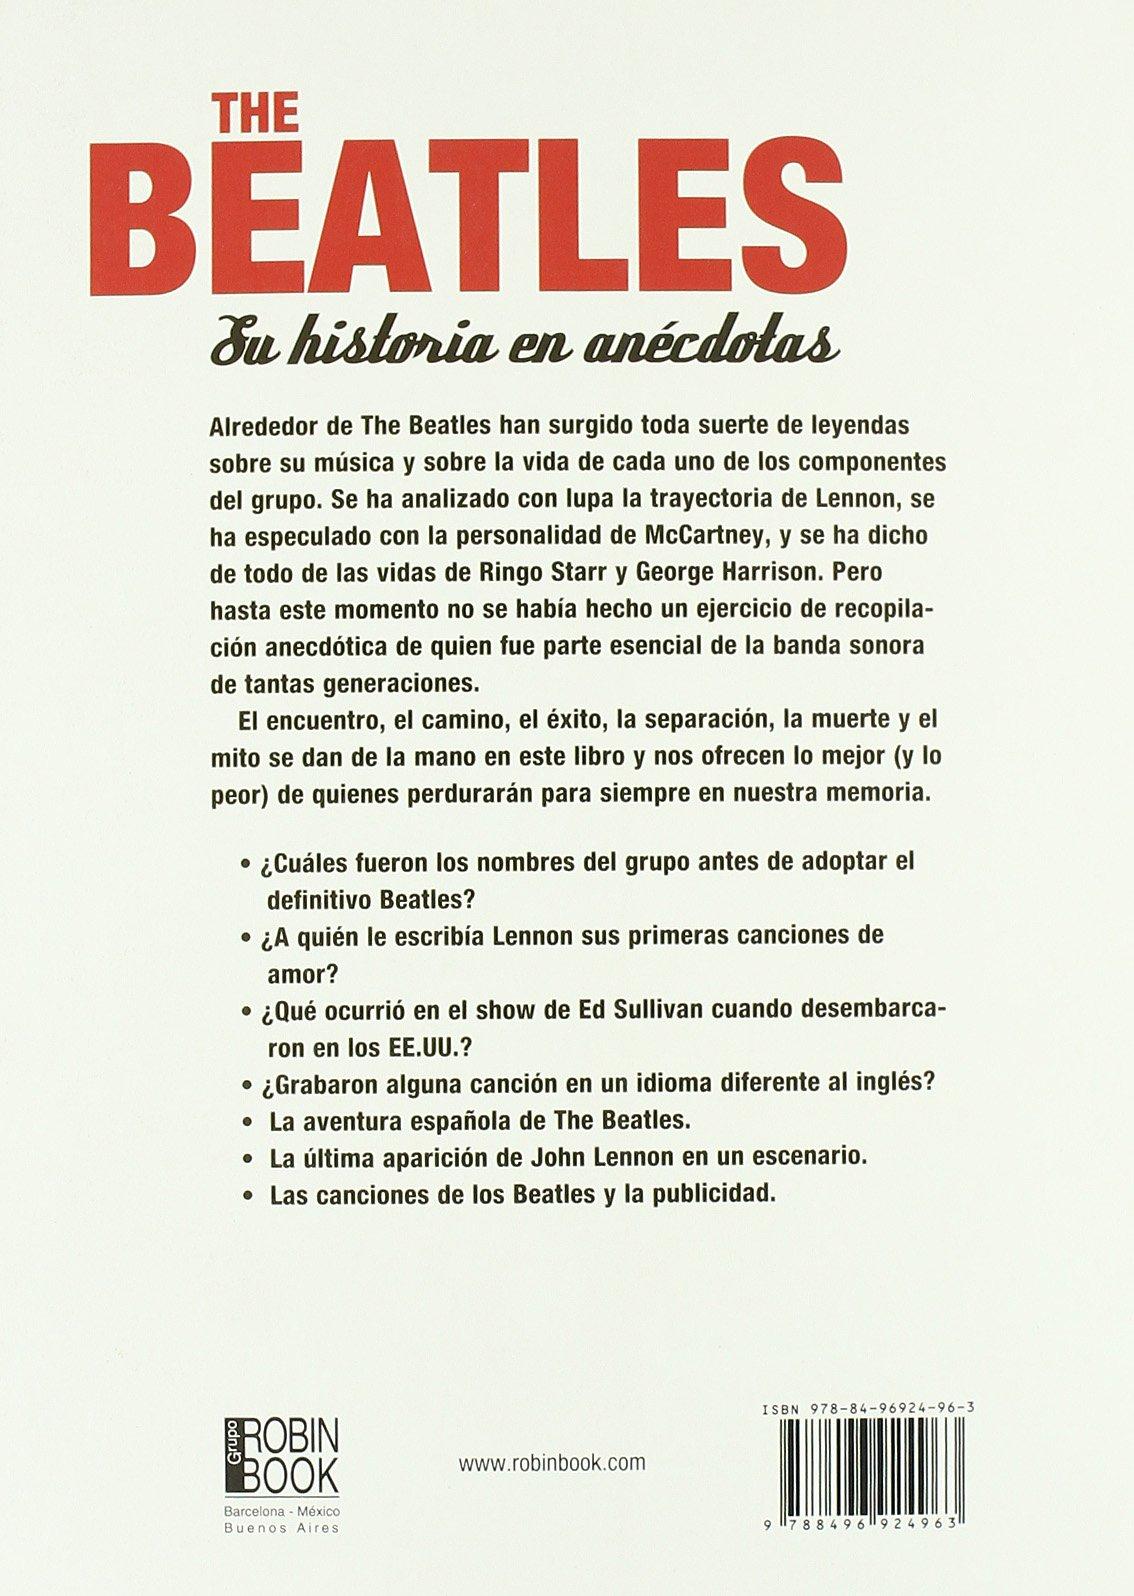 The beatles. Su historia en anécdotas: Anécdotas y curiosidades ...